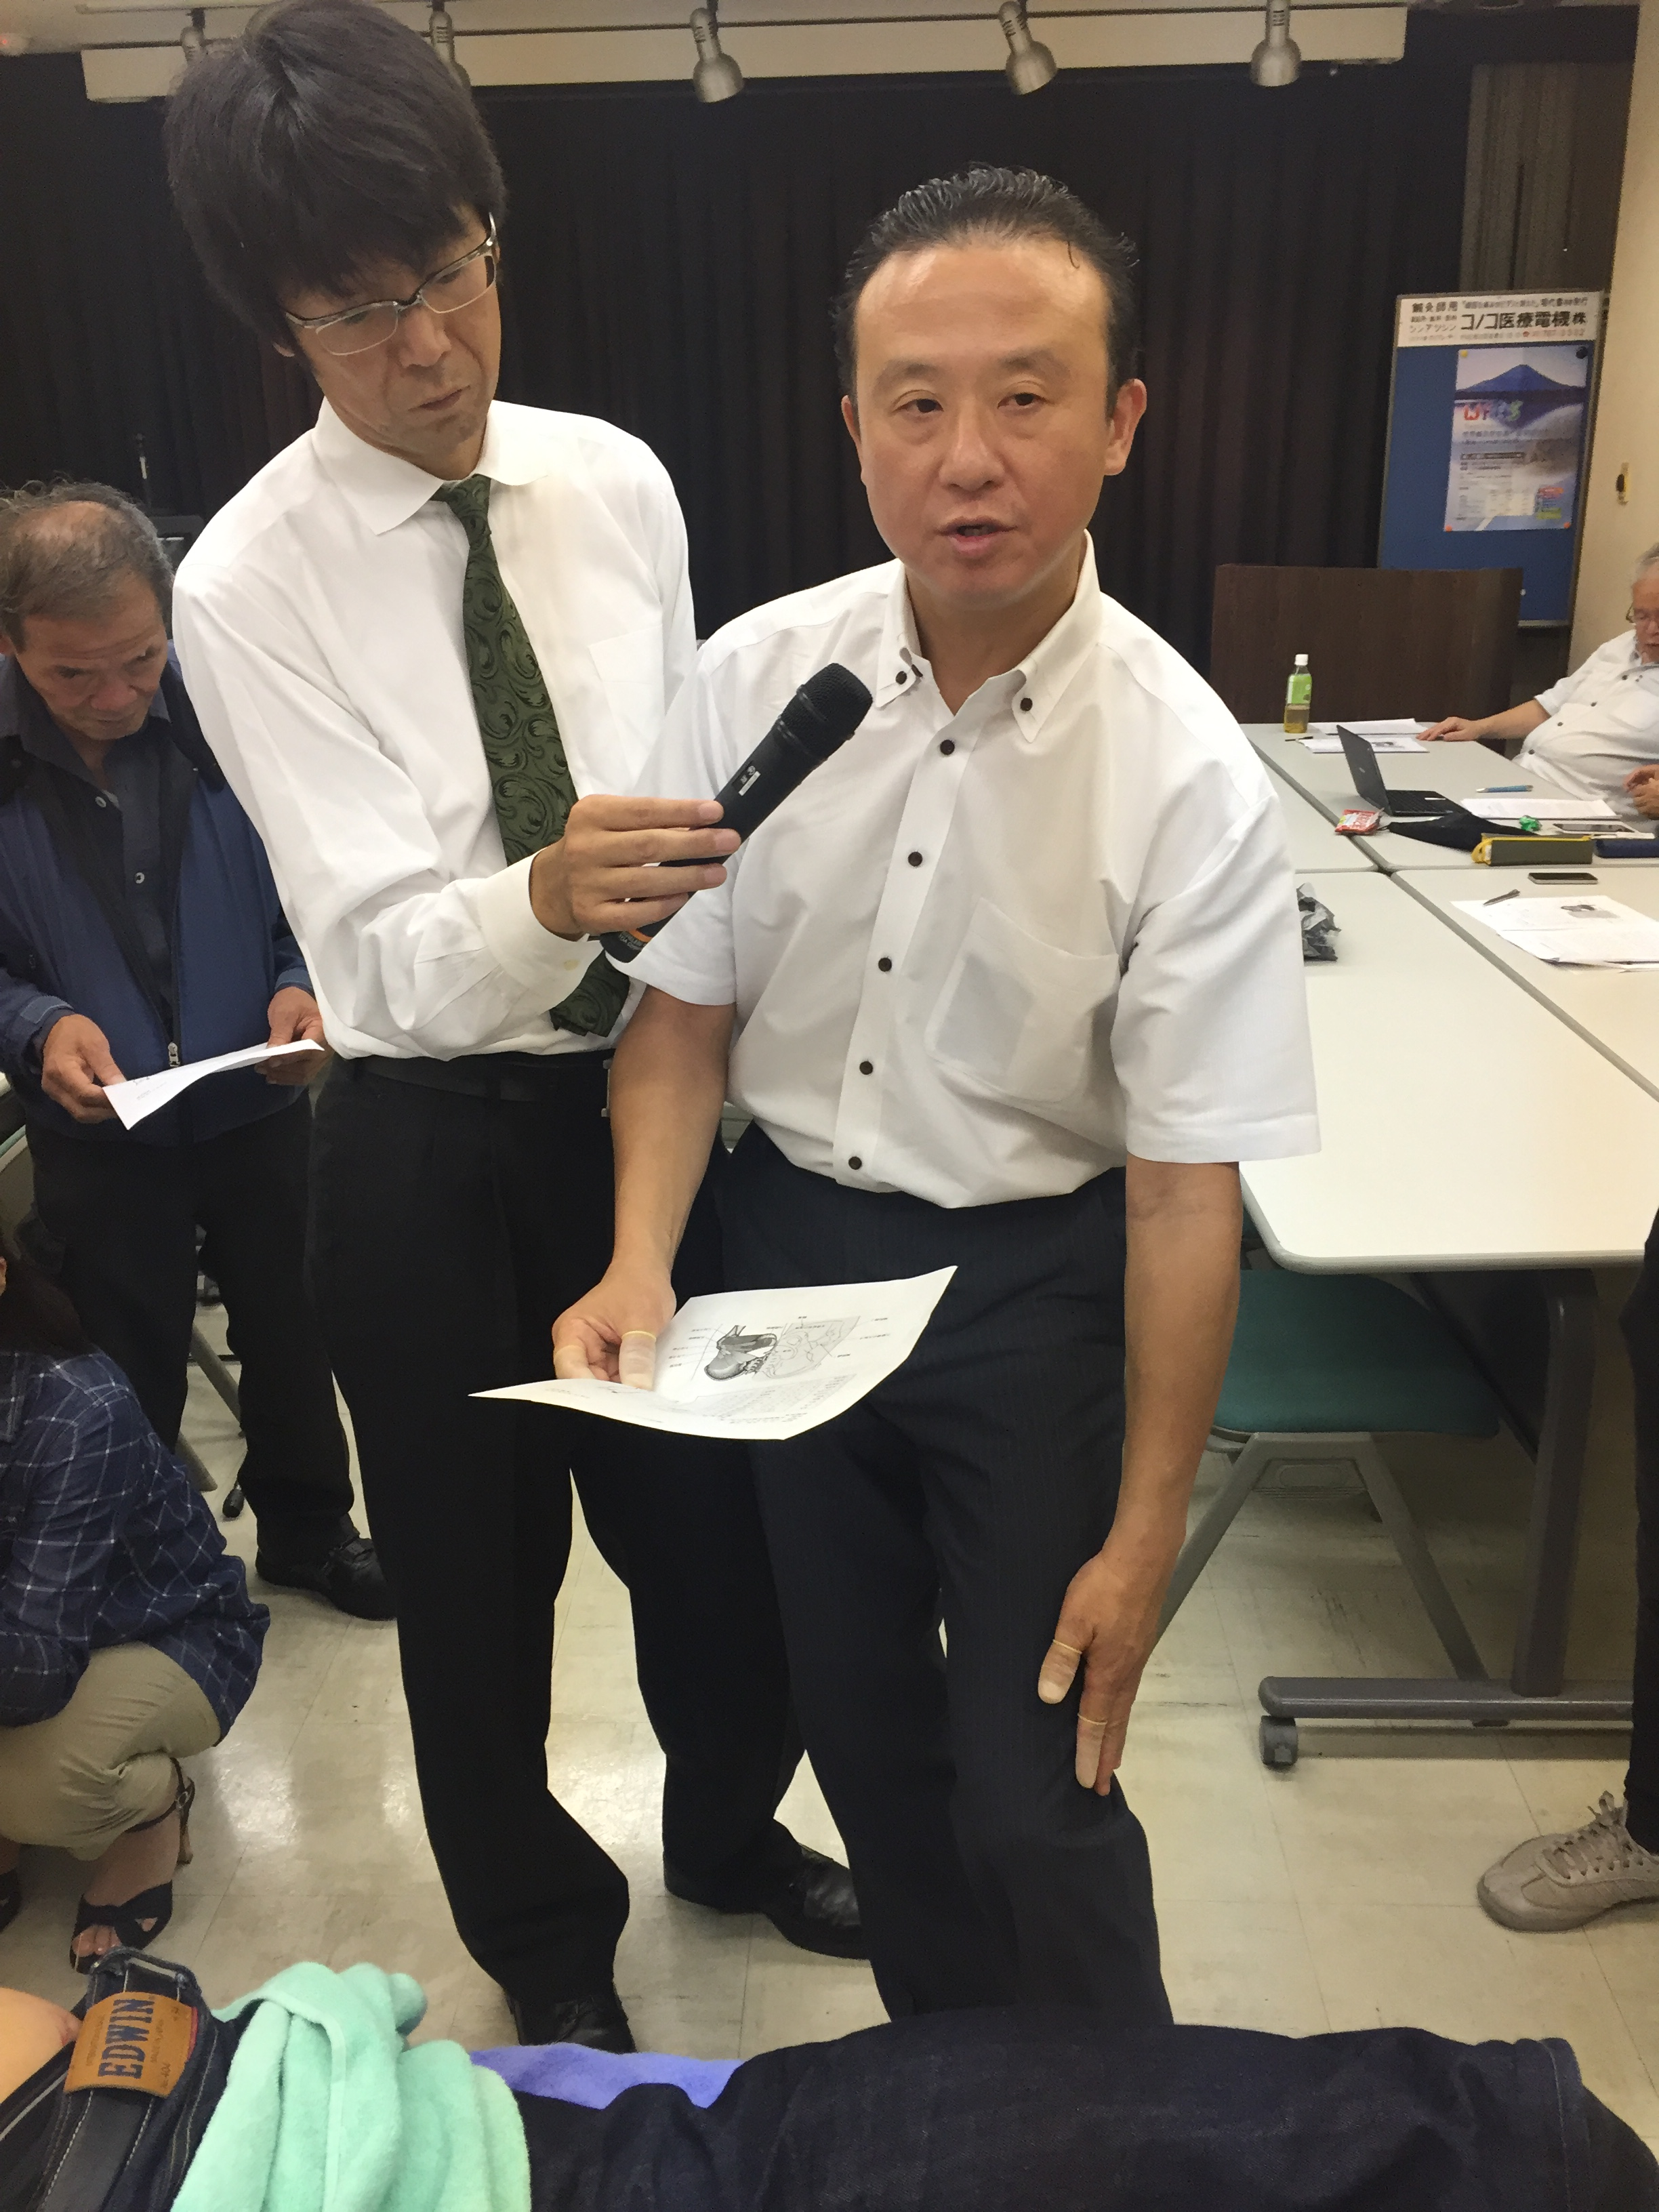 9月29日実演 臨床のコツ 『殿部から膝への関連痛』 有馬太郎